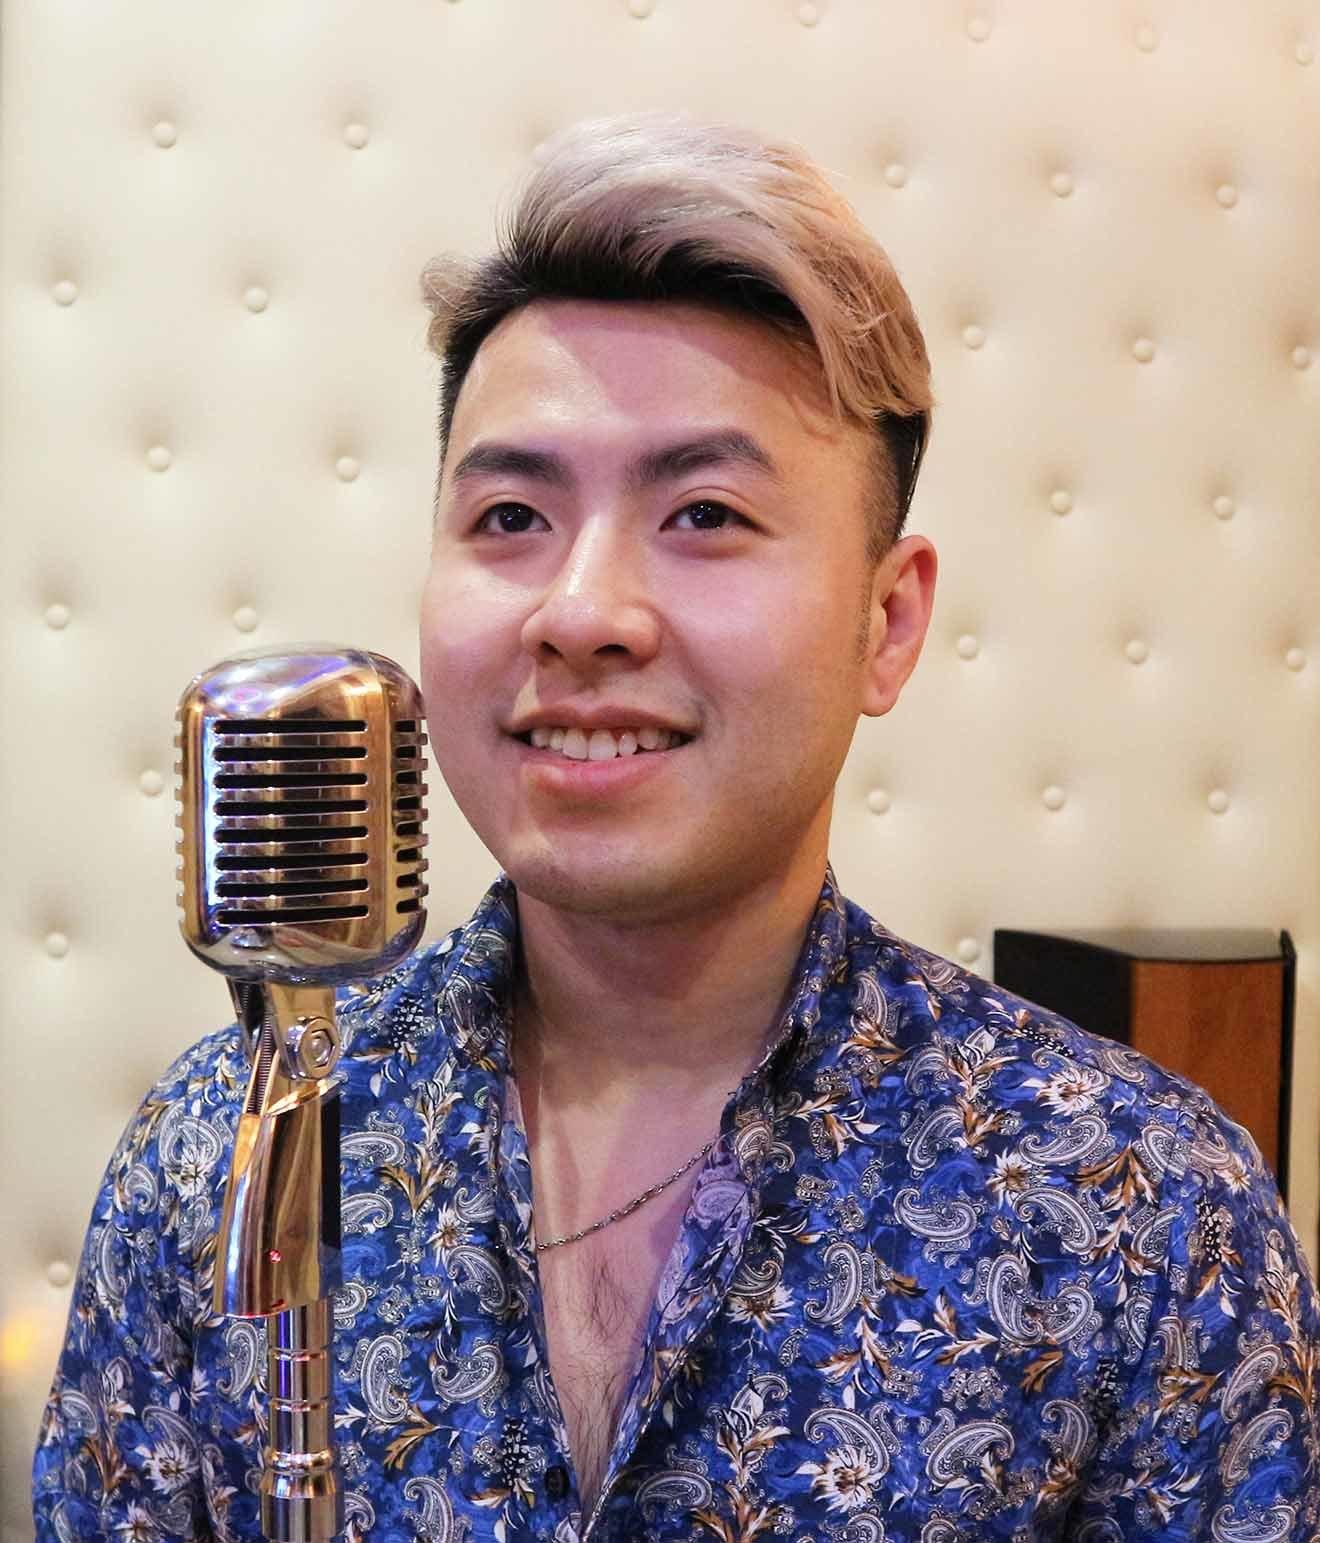 Akira Phan bên chiếc mic đứng trị giá 15 triệu đồng. Vì công nghệ luôn đổi  mới nên nam ca sĩ cho hay anh luôn cập nhật xu hướng và không ngại ...